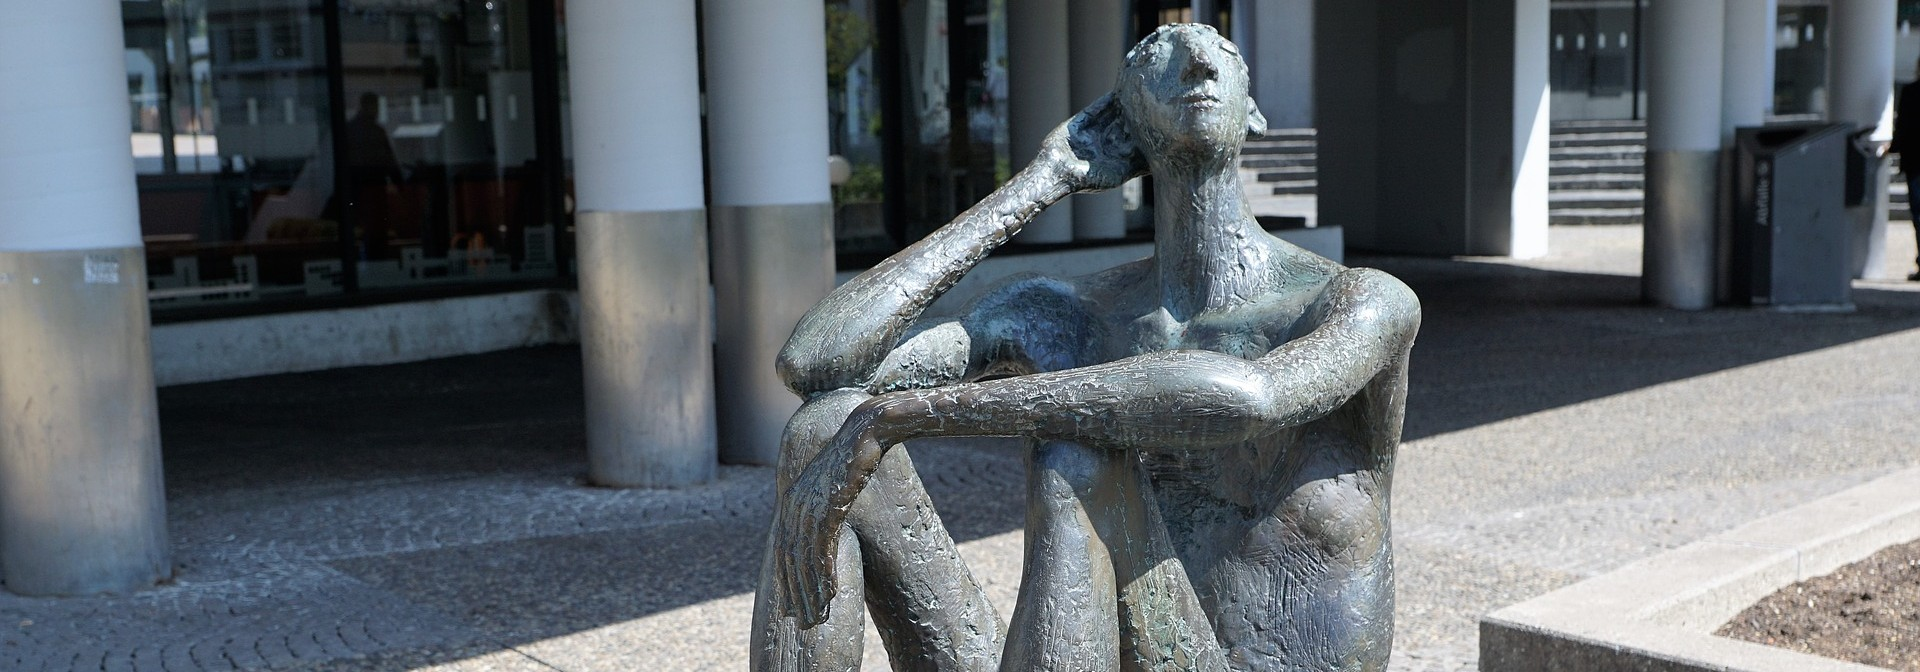 sculpture-2260386_1920-1920x672.jpg